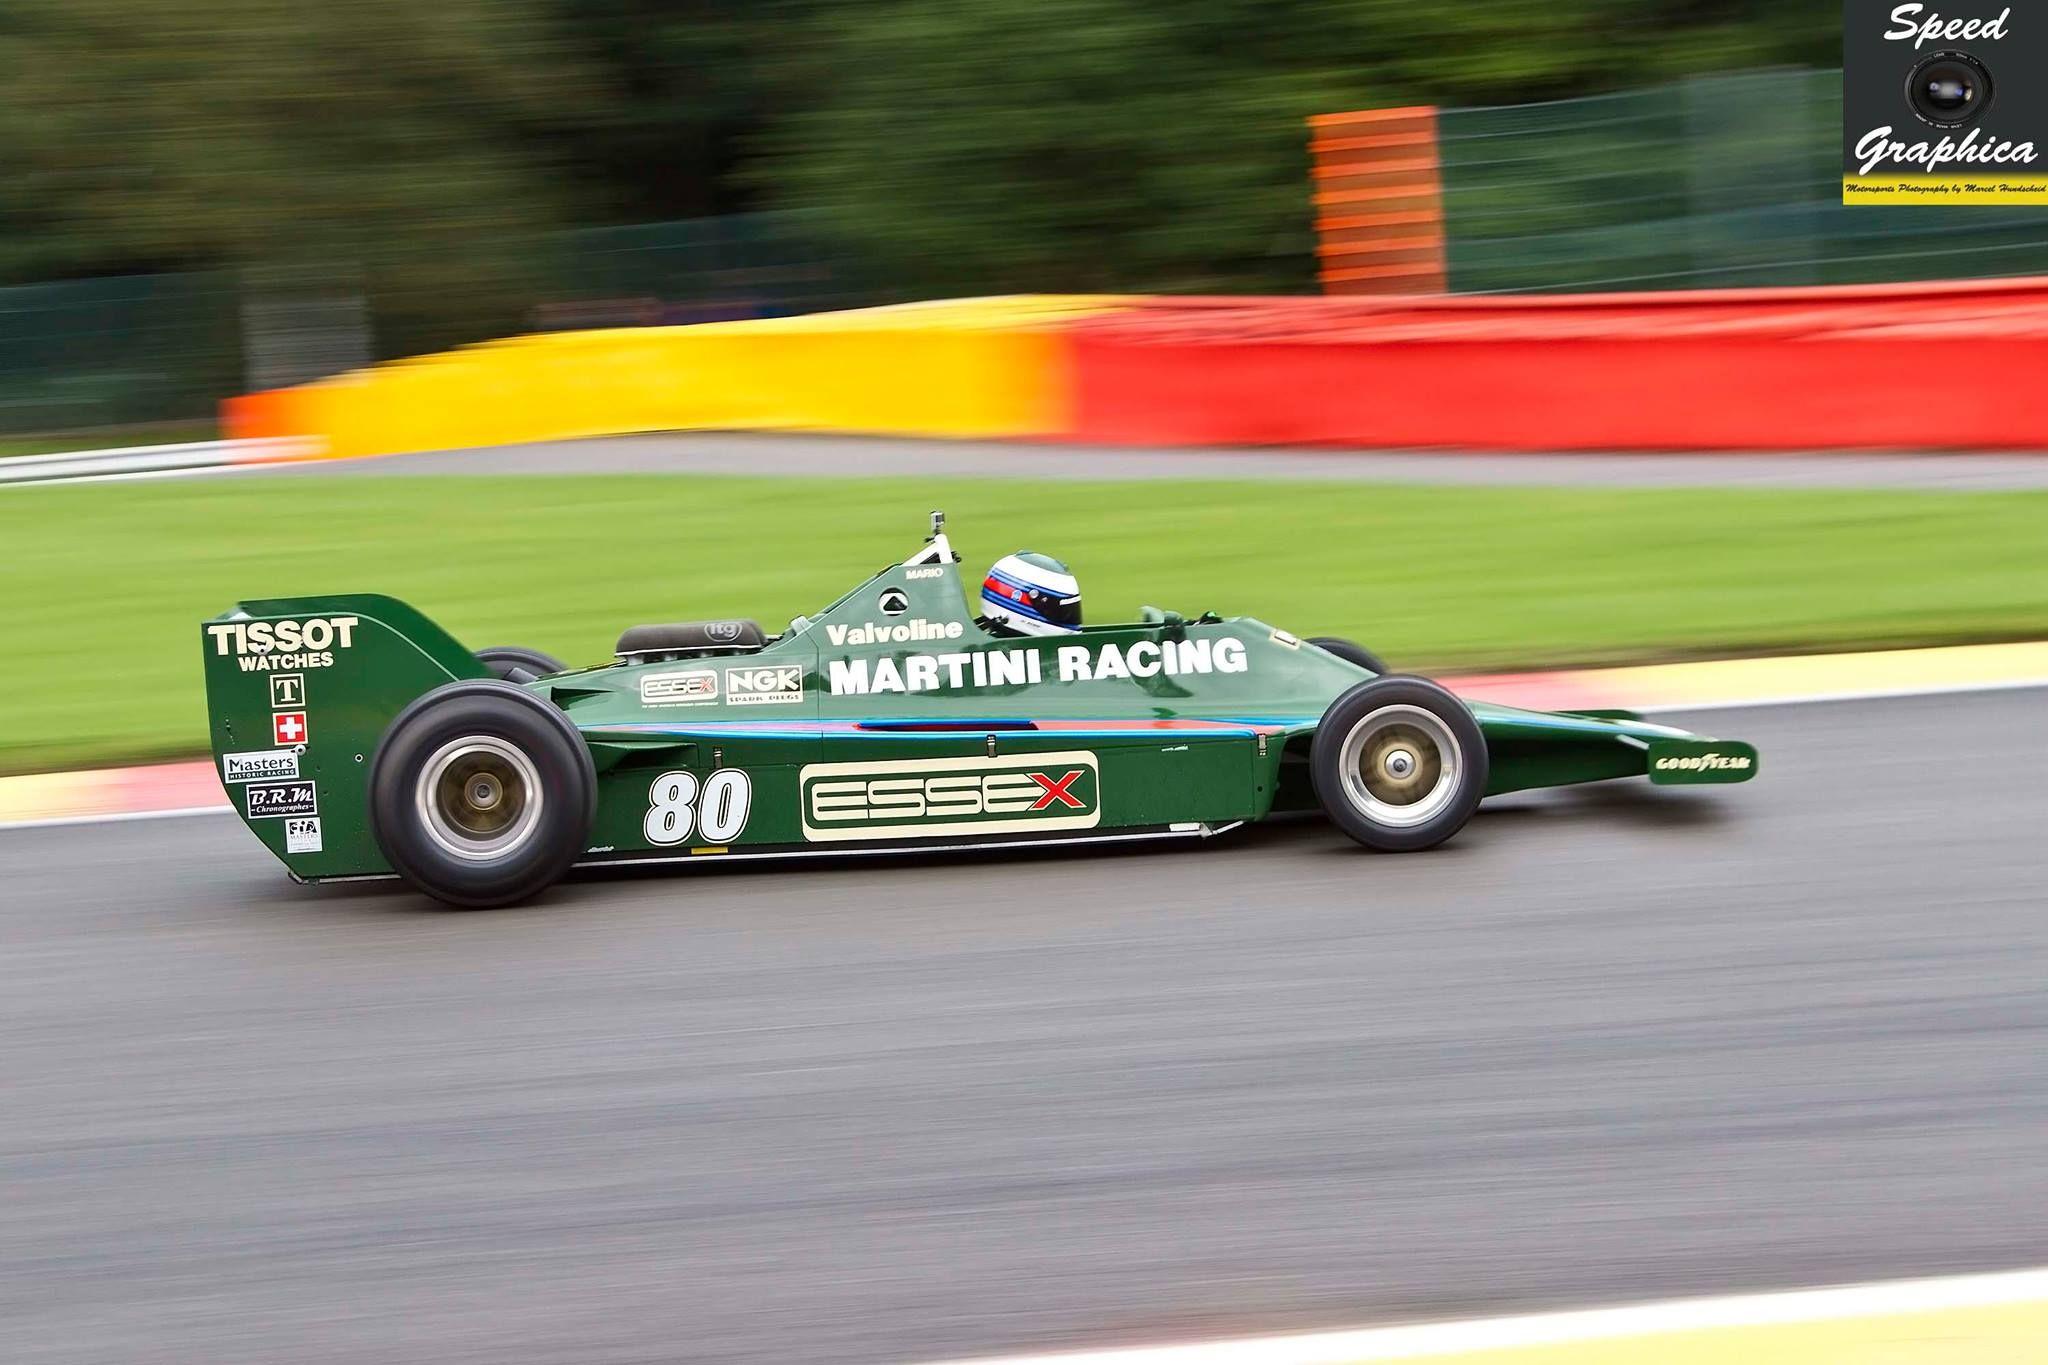 Lotus 80 from 1979-Manfredo Rossi di Montelera - FIA Masters Historic F1 Championship -Spa Six Hours 2015. FSC